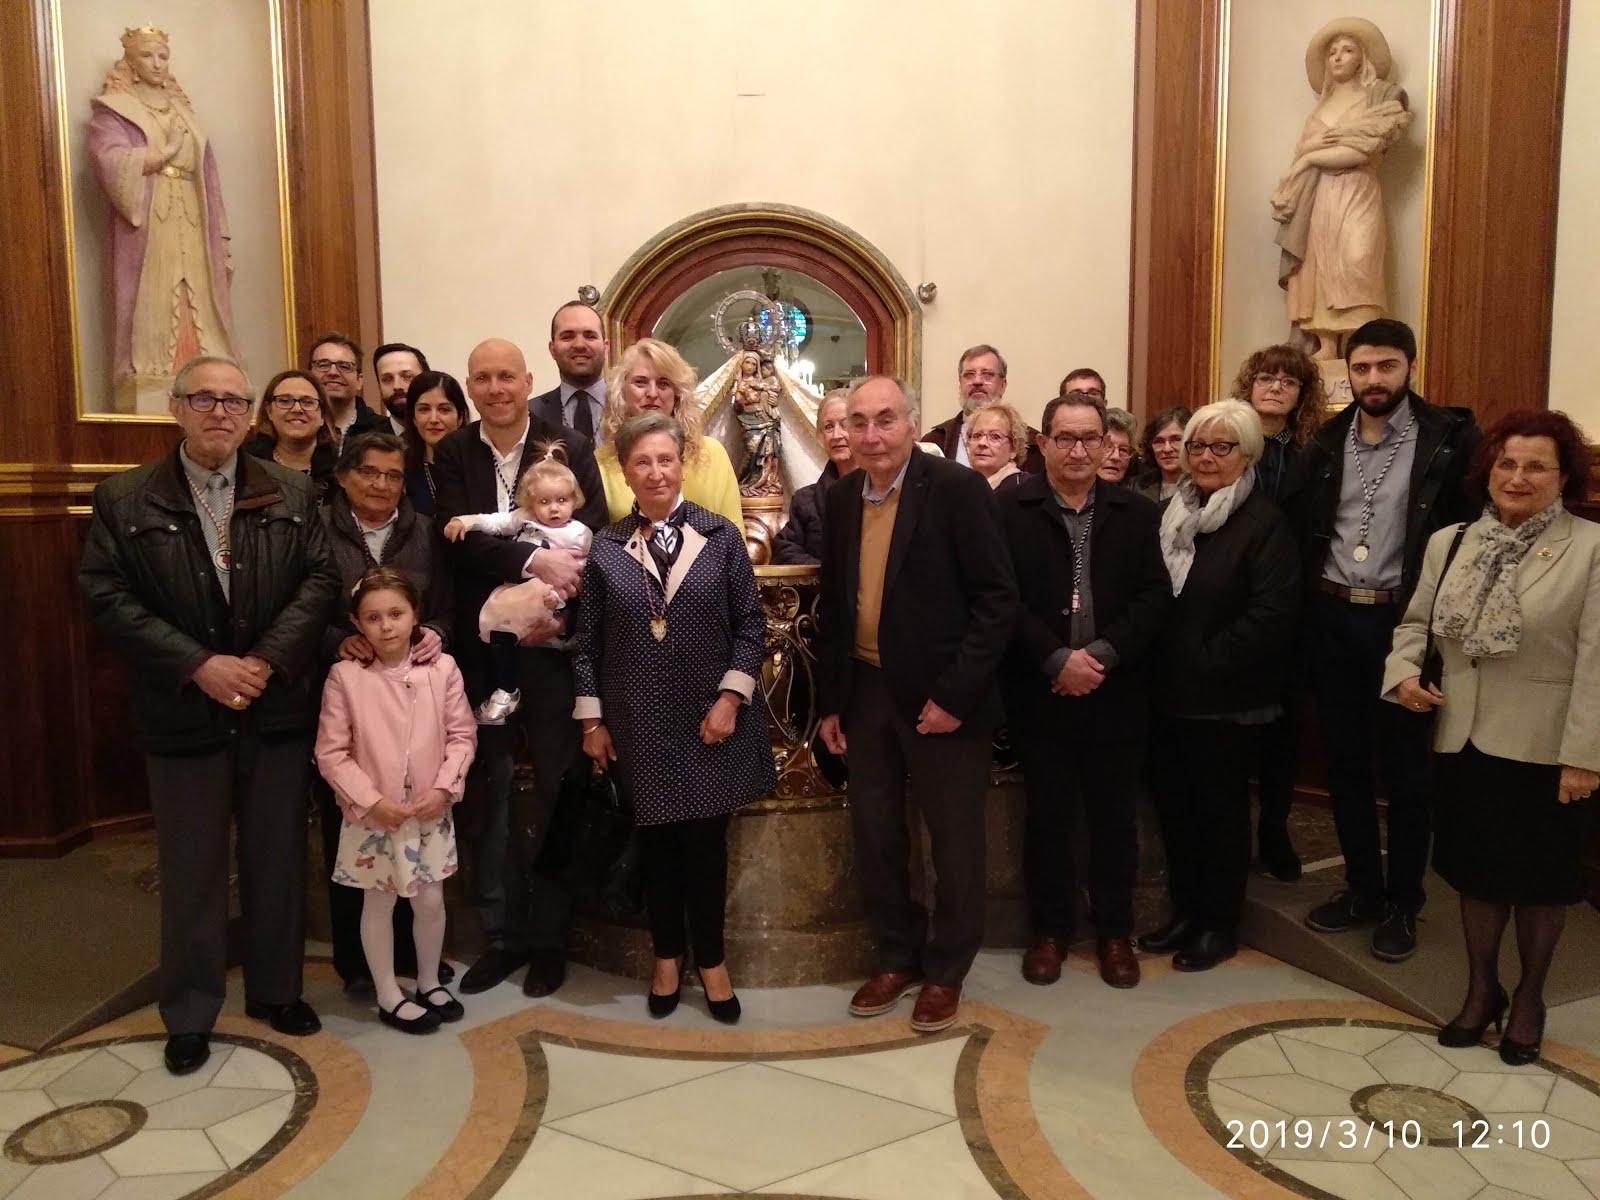 Peregrinació anual de la Confraria de Sant Josep i Sant Juame (Sant Sopar) de Reus